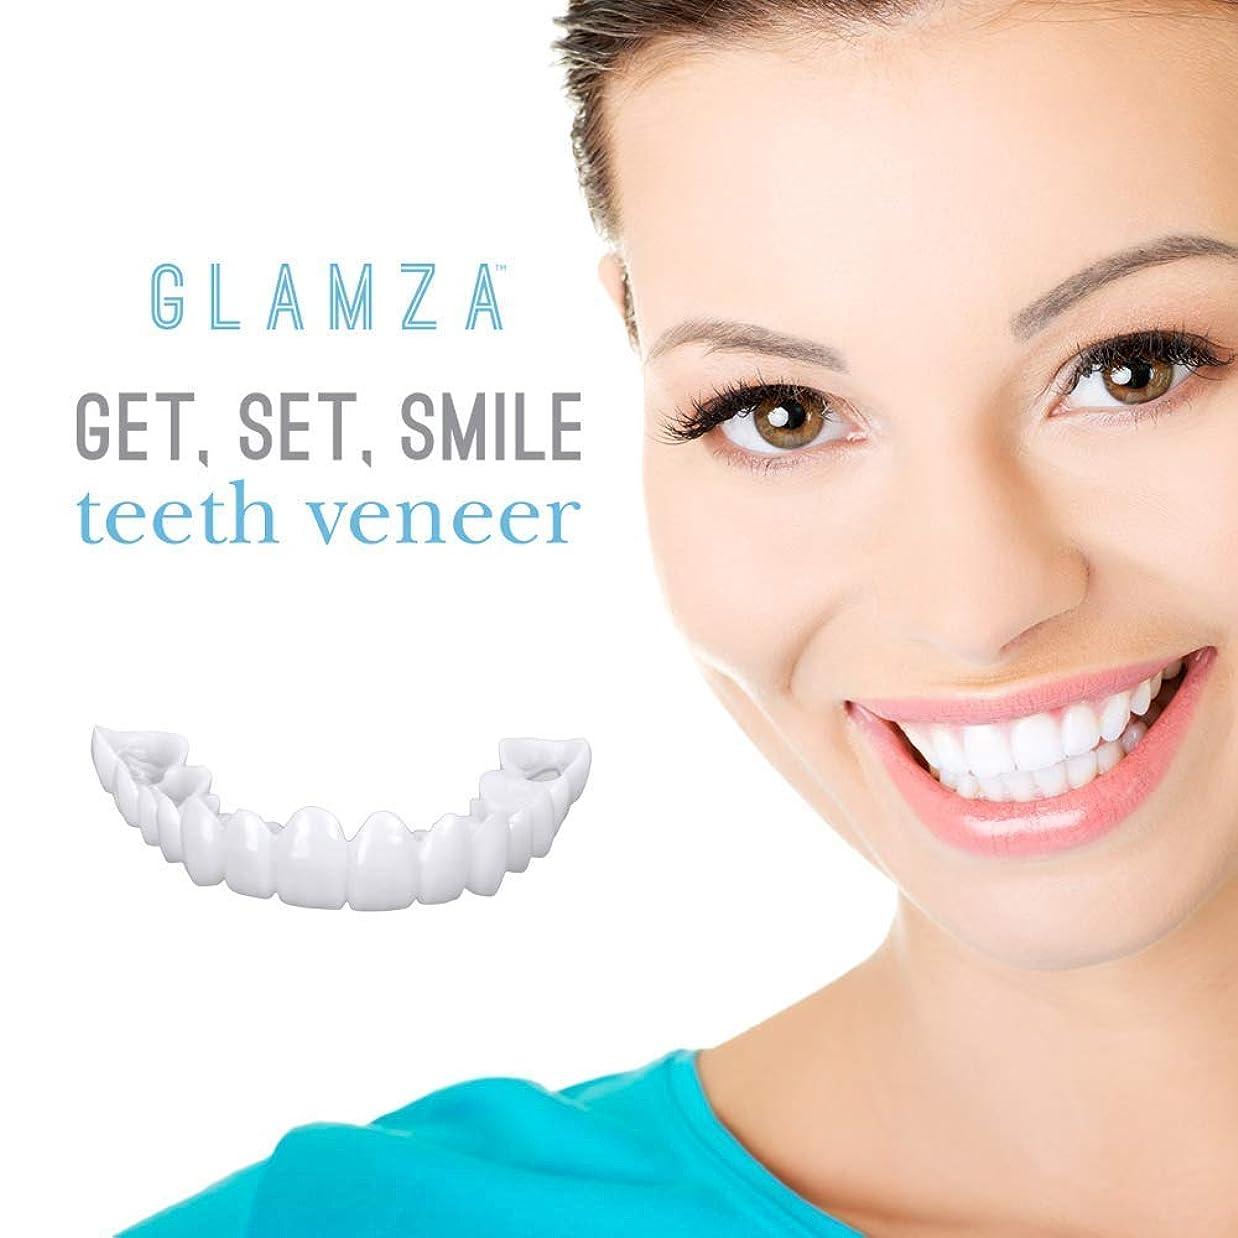 速度健康発見する仮装用歯上部ブレース+下部ブレース義歯フレックスシミュレーションスナップキャップ,5pairs